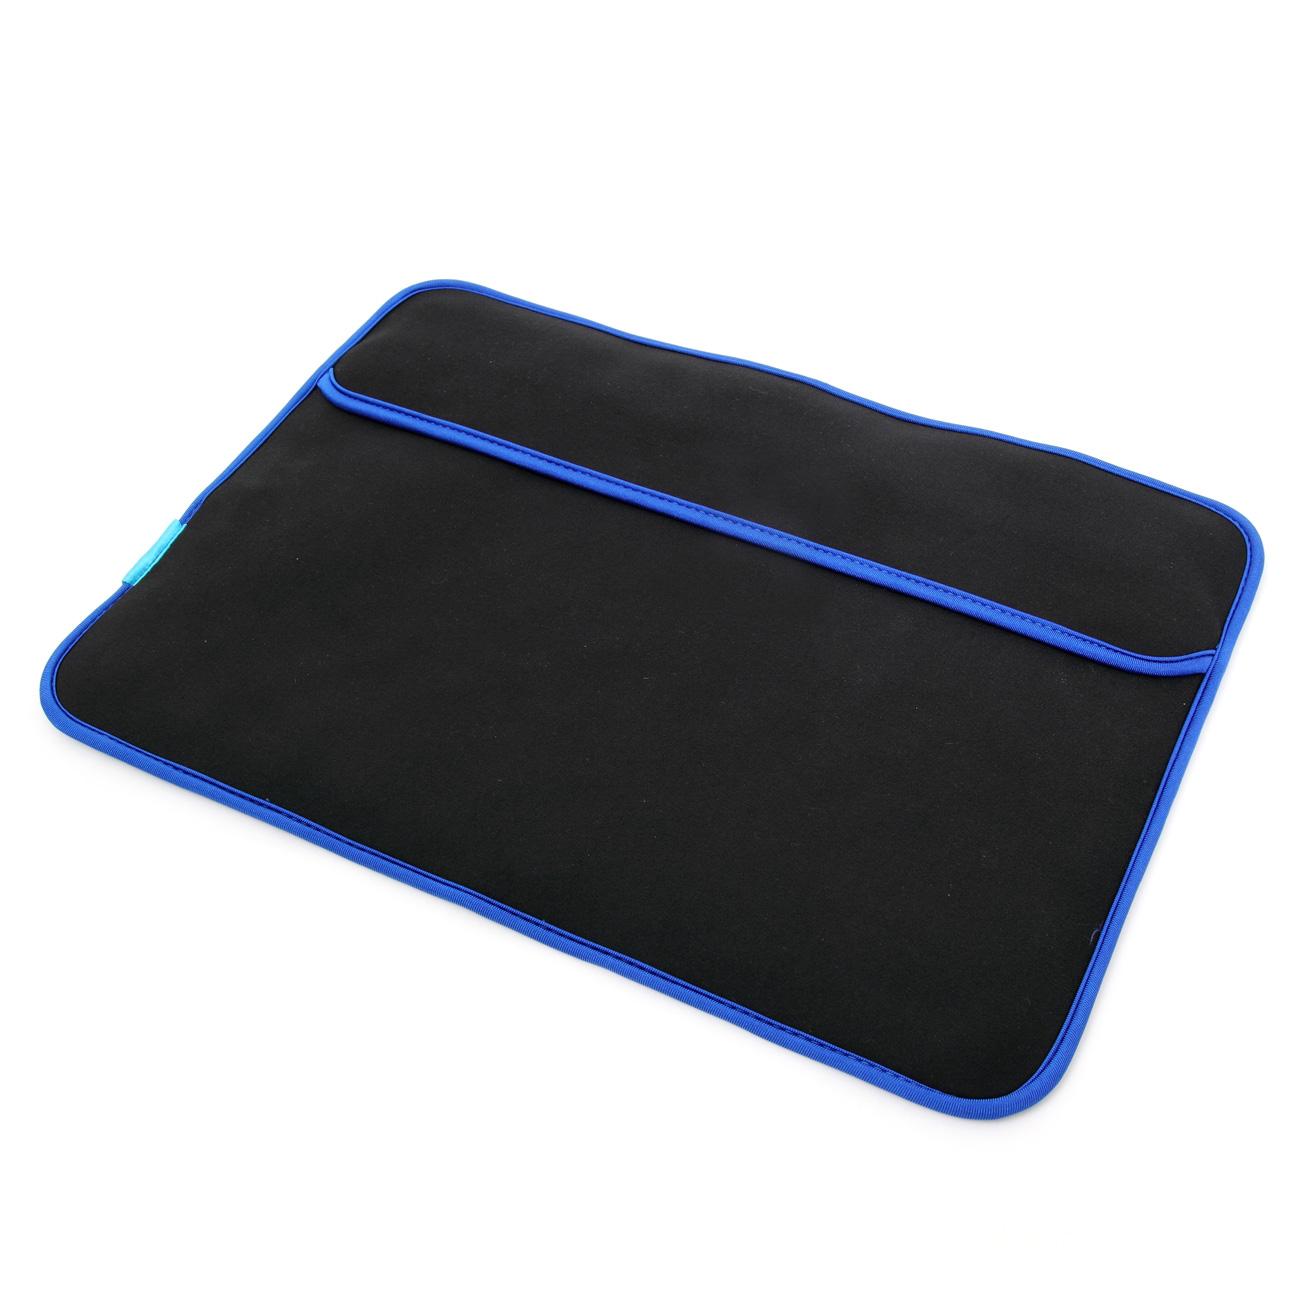 """Sac, sacoche, housse LDLC Lap Saver Housse & surface de refroidissement passif pour PC portable jusqu'à 17"""""""